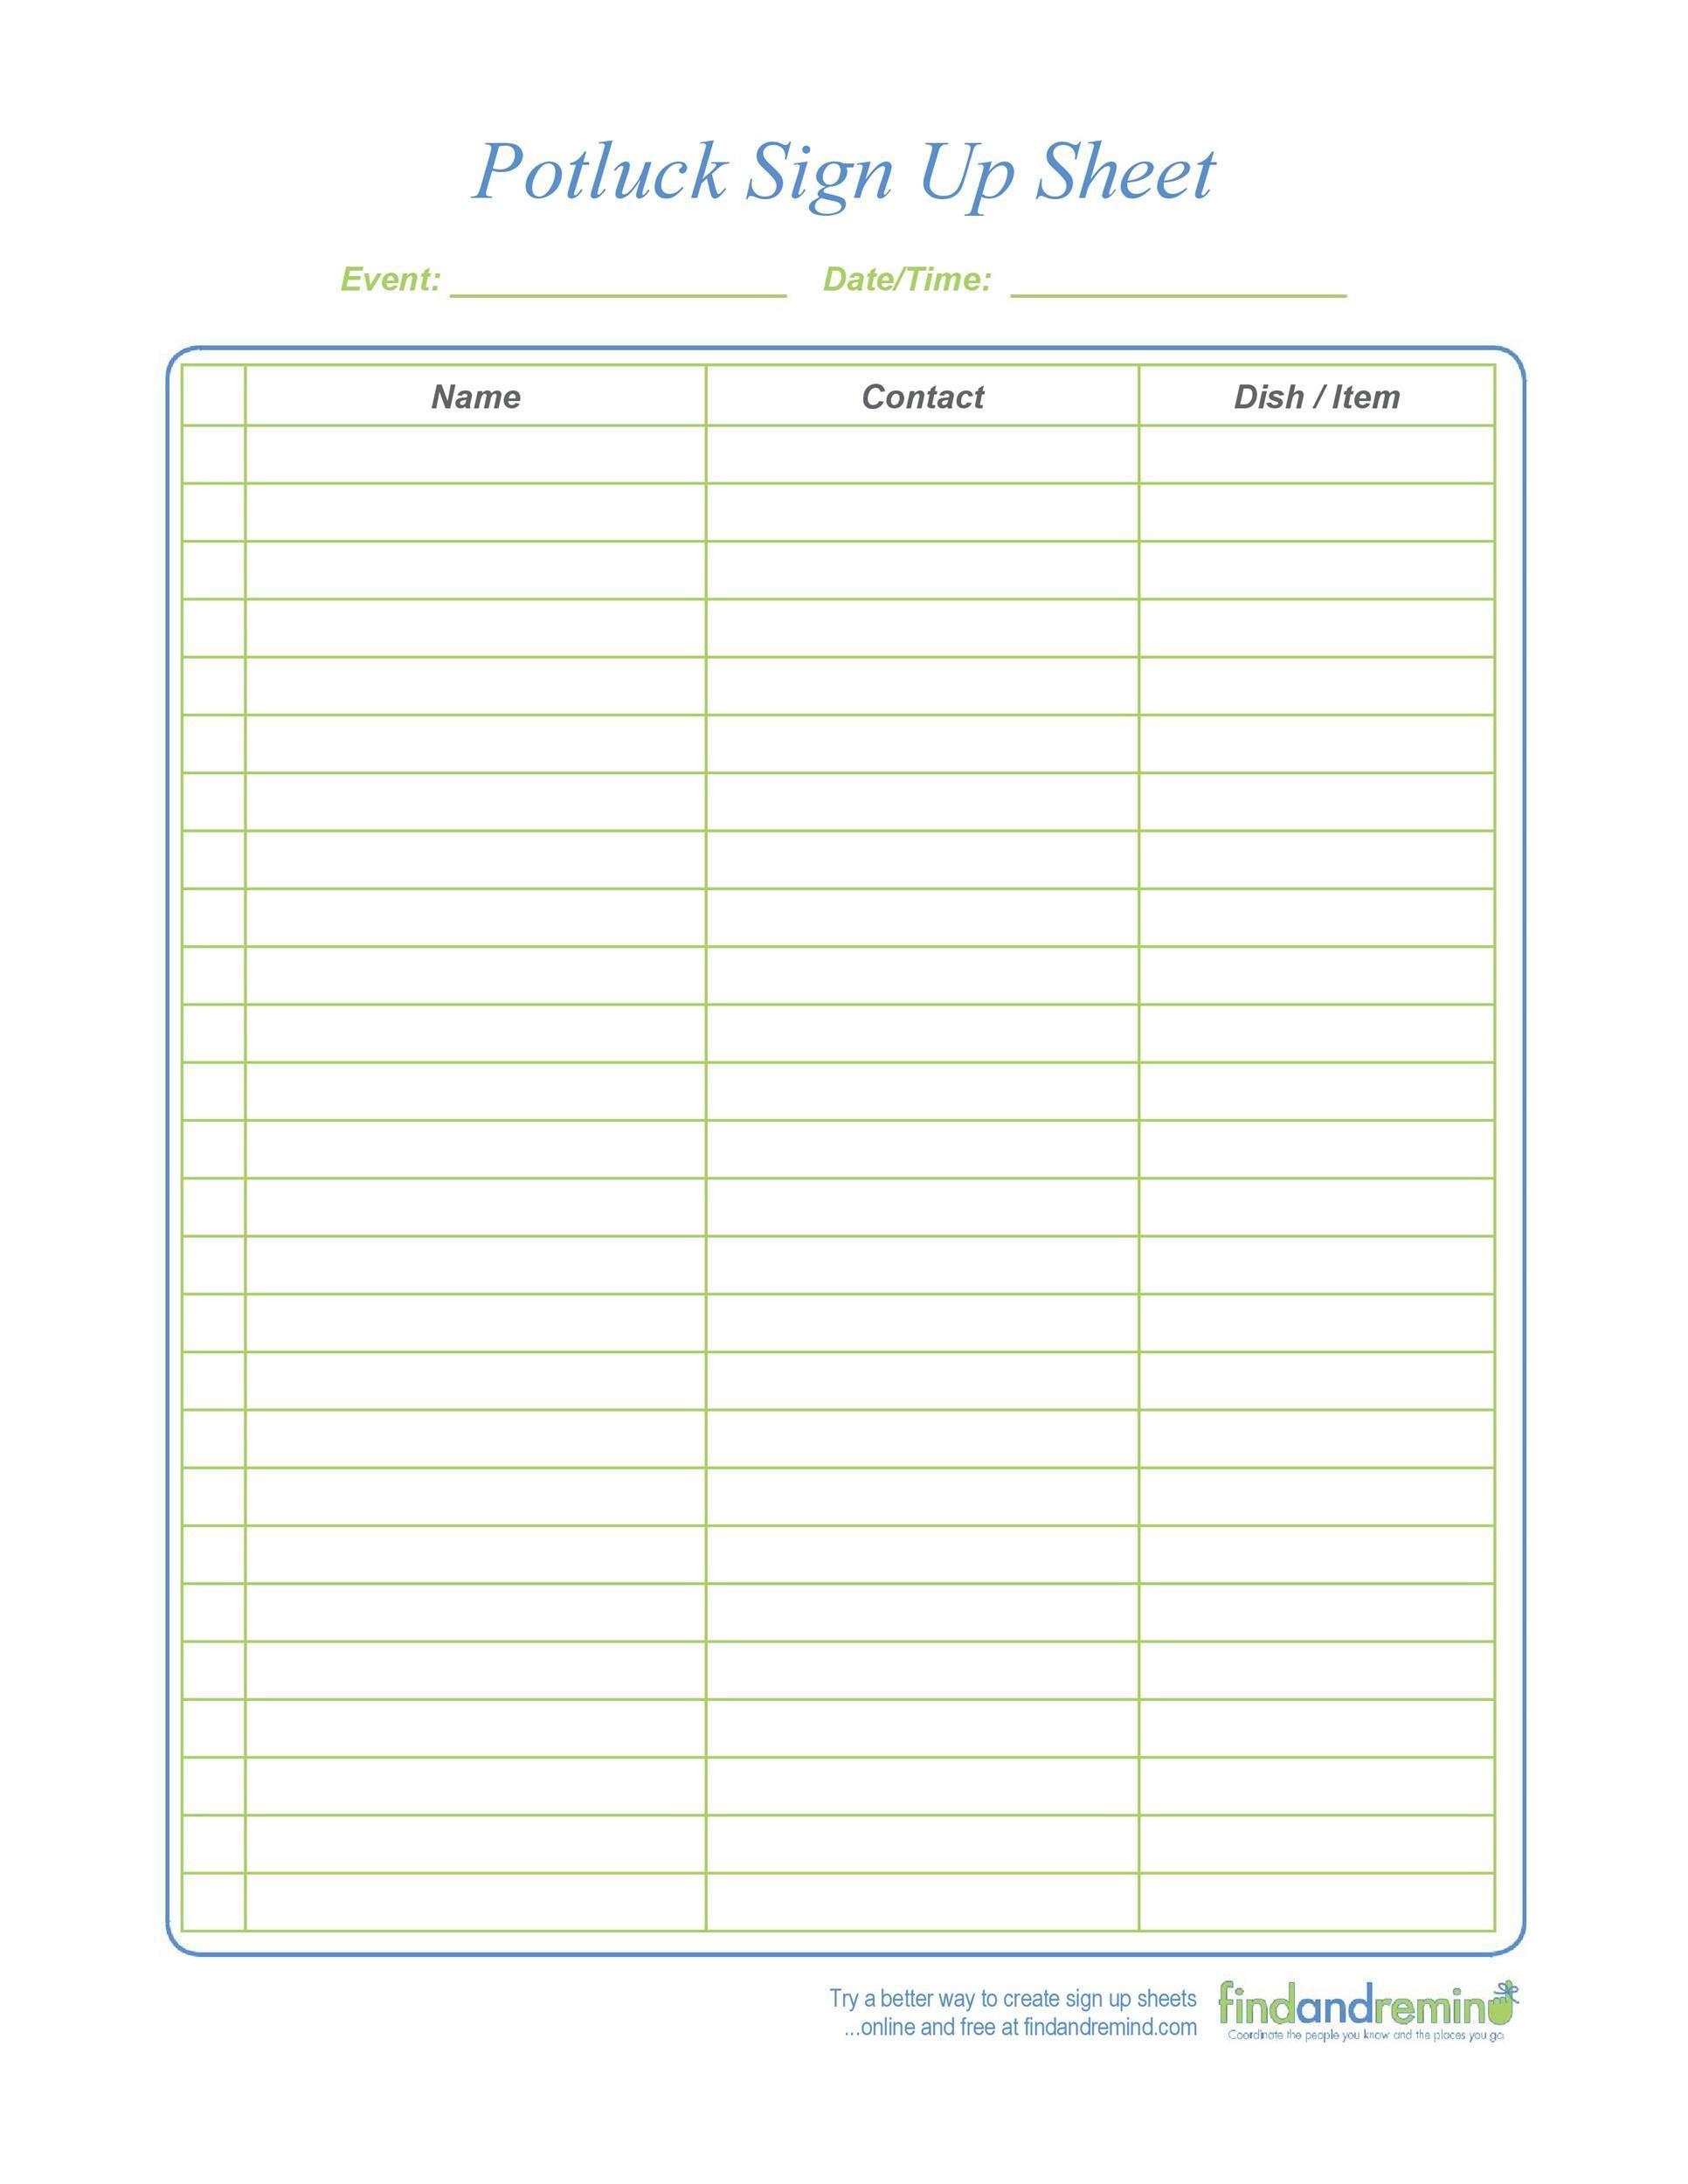 Free potluck sign up sheet 21